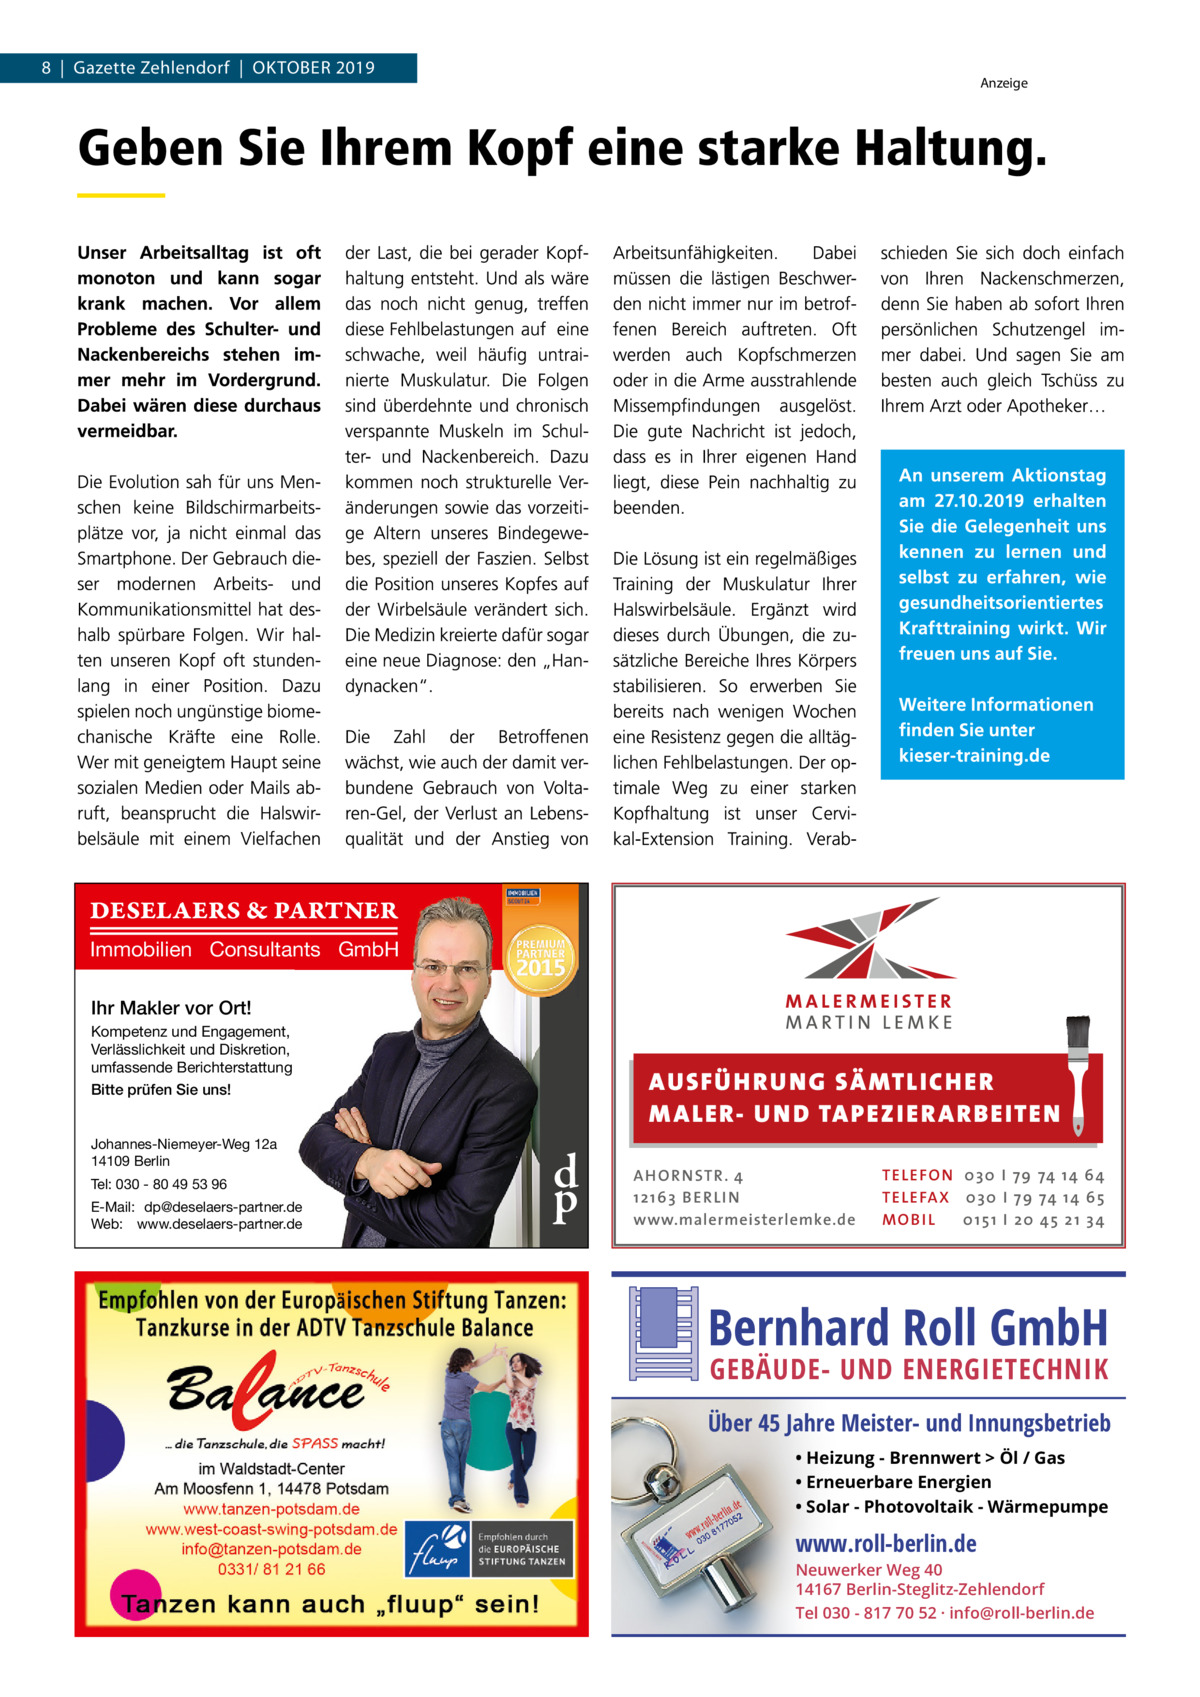 8|Gazette Zehlendorf|Oktober 2019  Anzeige  DESELAERS & PARTNER Immobilien Consultants GmbH Ihr Makler vor Ort! Kompetenz und Engagement, Verlässlichkeit und Diskretion, umfassende Berichterstattung Bitte prüfen Sie uns! Johannes-Niemeyer-Weg 12a 14109 Berlin Tel: 030 - 80 49 53 96 E-Mail: dp@deselaers-partner.de Web: www.deselaers-partner.de  AUS FÜ H RU NG SÄ MTLICH ER M A LER- U N D TA PEZ I ER A RB EITE N  d p  A H O R N STR . 4 12 16 3 B E R L I N www.malermeisterlemke.de  TE L E FO N 0 3 0 I 79 74 14 6 4 TE L E FA X 0 3 0 I 79 74 14 6 5 MOB I L 0 15 1 I 2 0 45 21 3 4  Bernhard Roll GmbH GEBÄUDE- UND ENERGIETECHNIK  Über 45 Jahre Meister- und Innungsbetrieb • Heizung - Brennwert  Öl / Gas • Erneuerbare Energien • Solar - Photovoltaik - Wärmepumpe  www.roll-berlin.de  Neuwerker Weg 40 14167 Berlin-Steglitz-Zehlendorf Tel 030 - 817 70 52 · info@roll-berlin.de